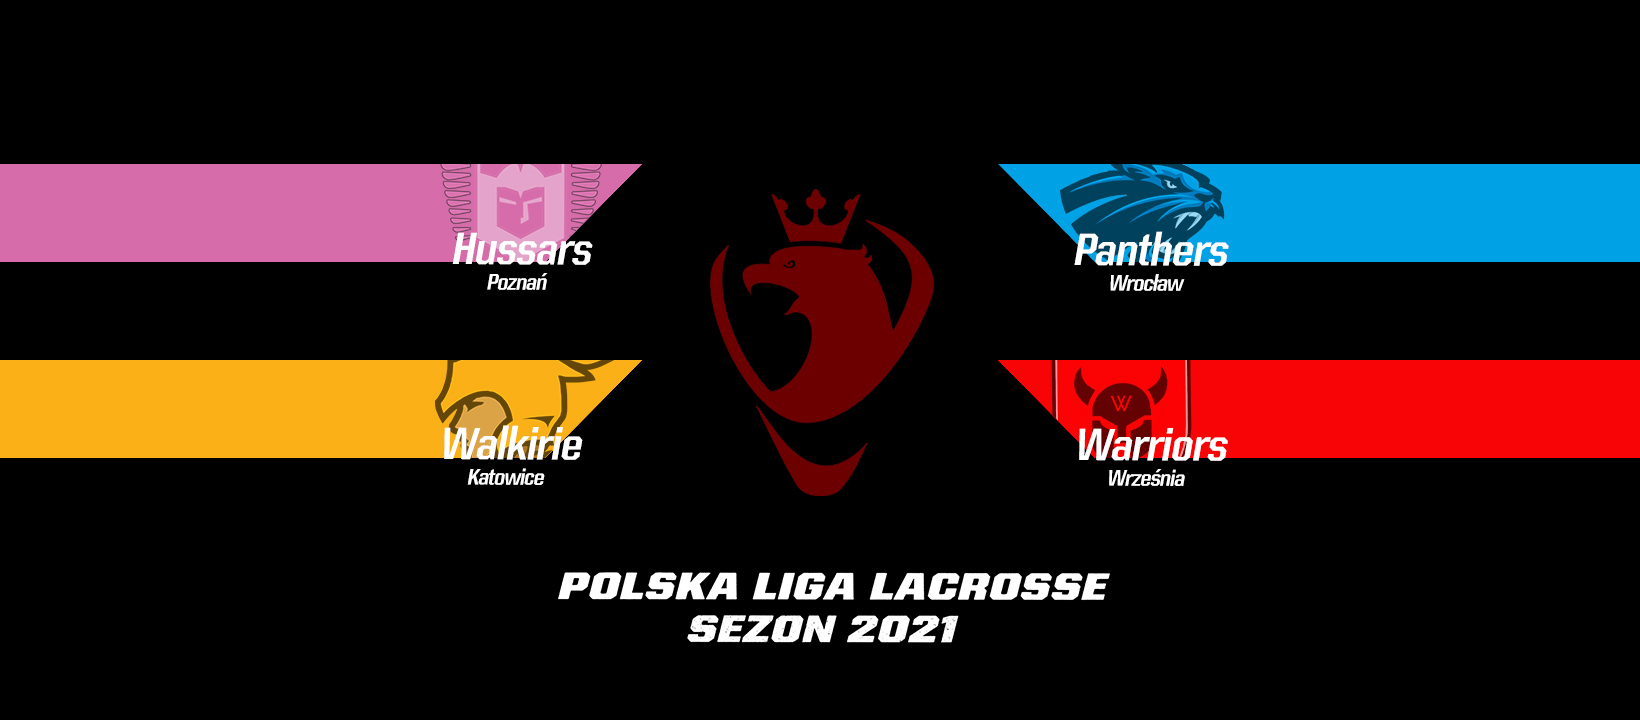 Wystartował kolejny sezon Polskiej Ligi Lacrosse kobiet